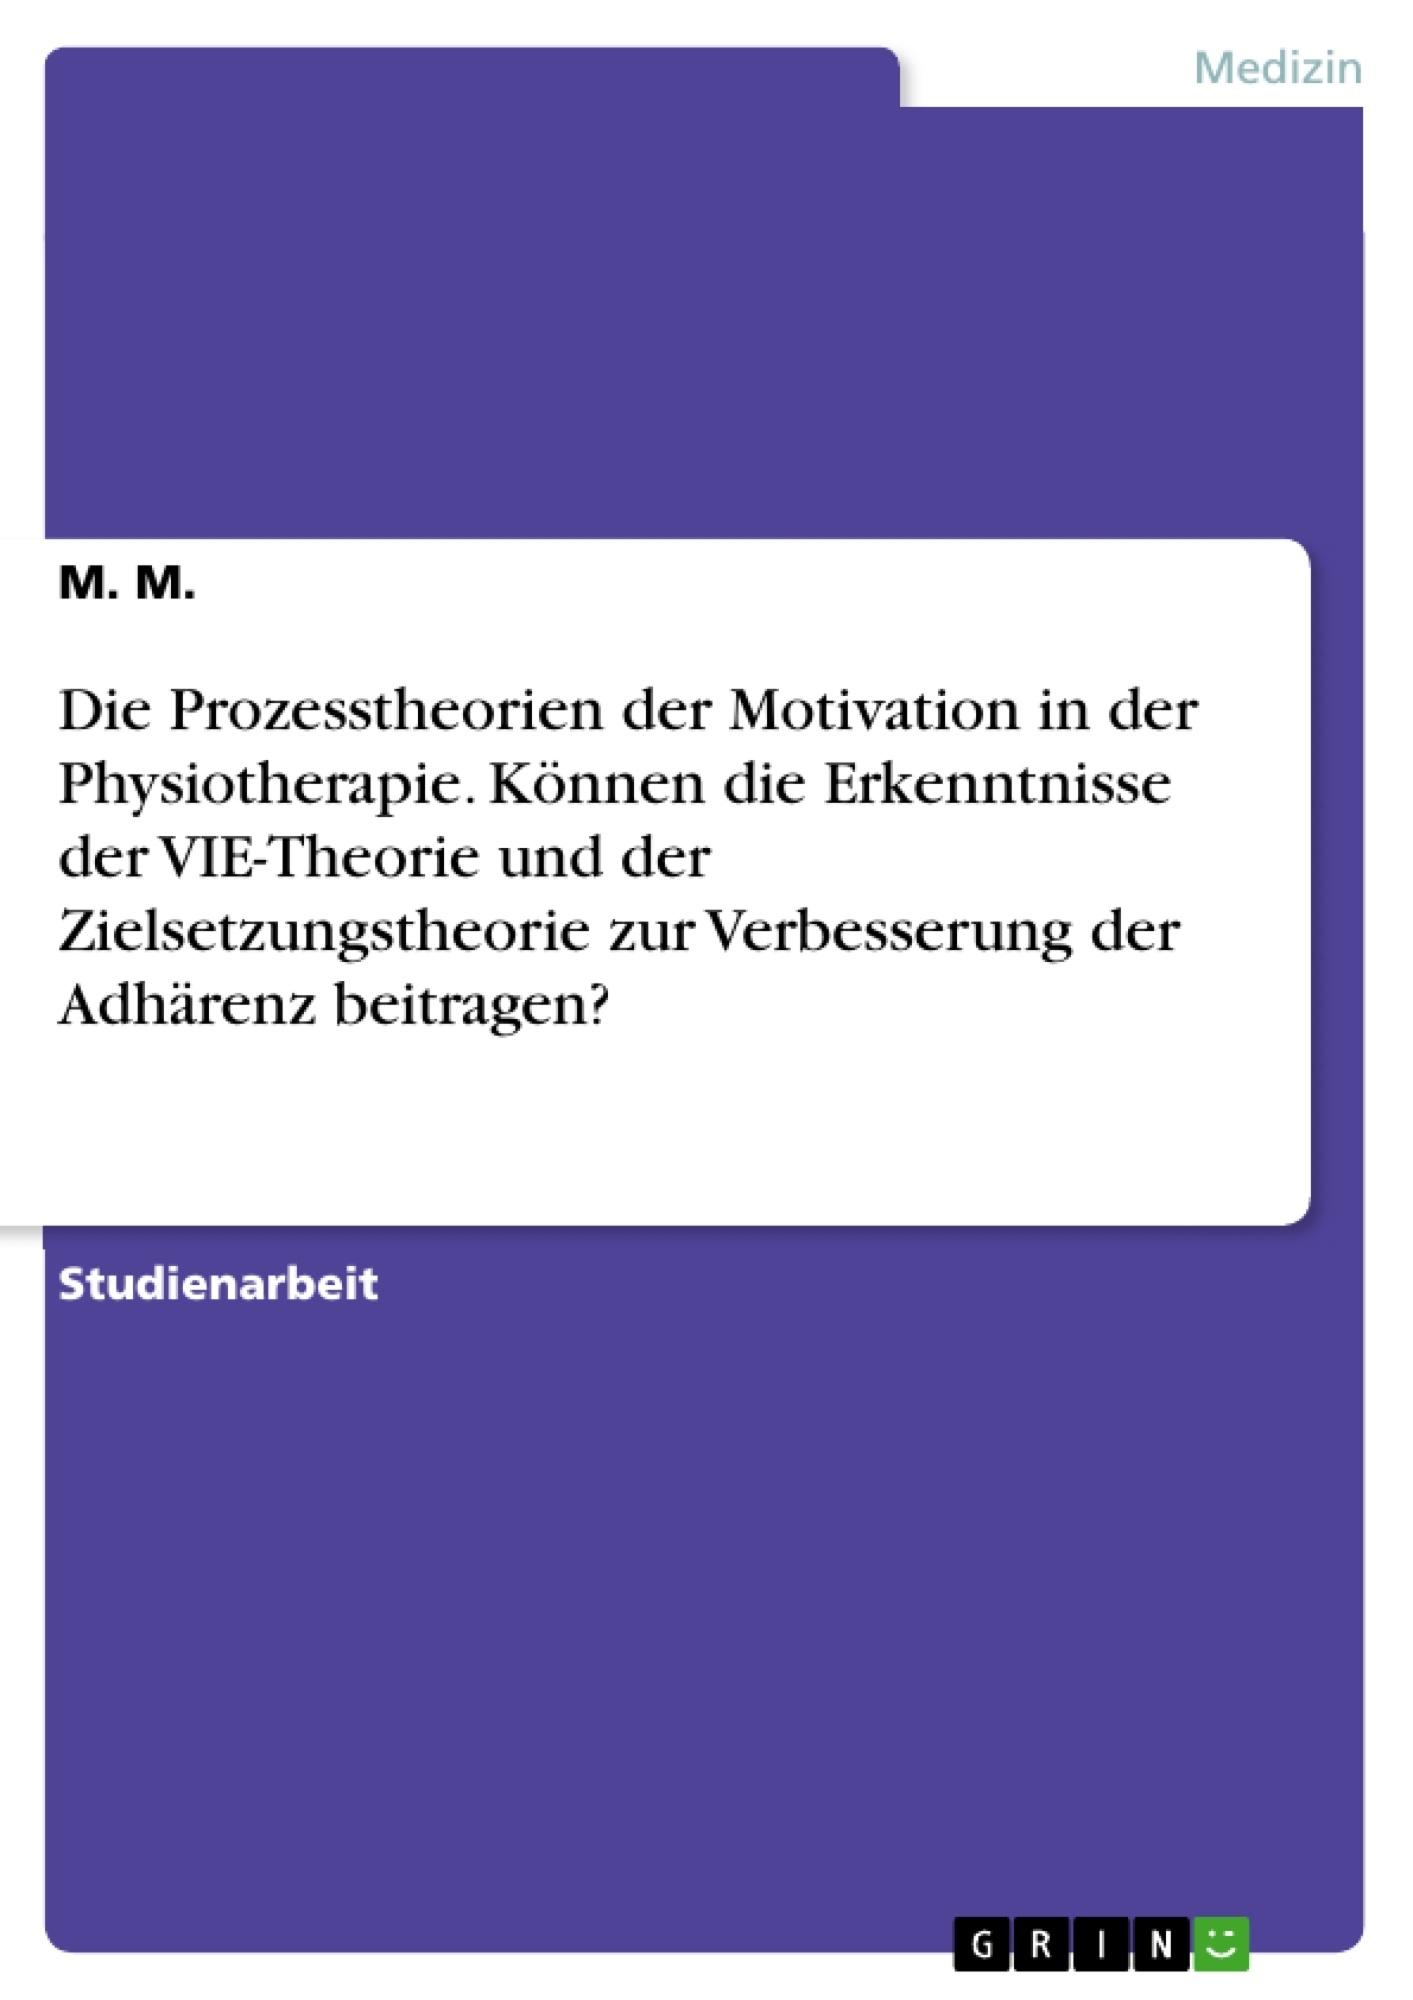 Titel: Die Prozesstheorien der Motivation in der Physiotherapie. Können die Erkenntnisse der VIE-Theorie und der Zielsetzungstheorie zur Verbesserung der Adhärenz beitragen?